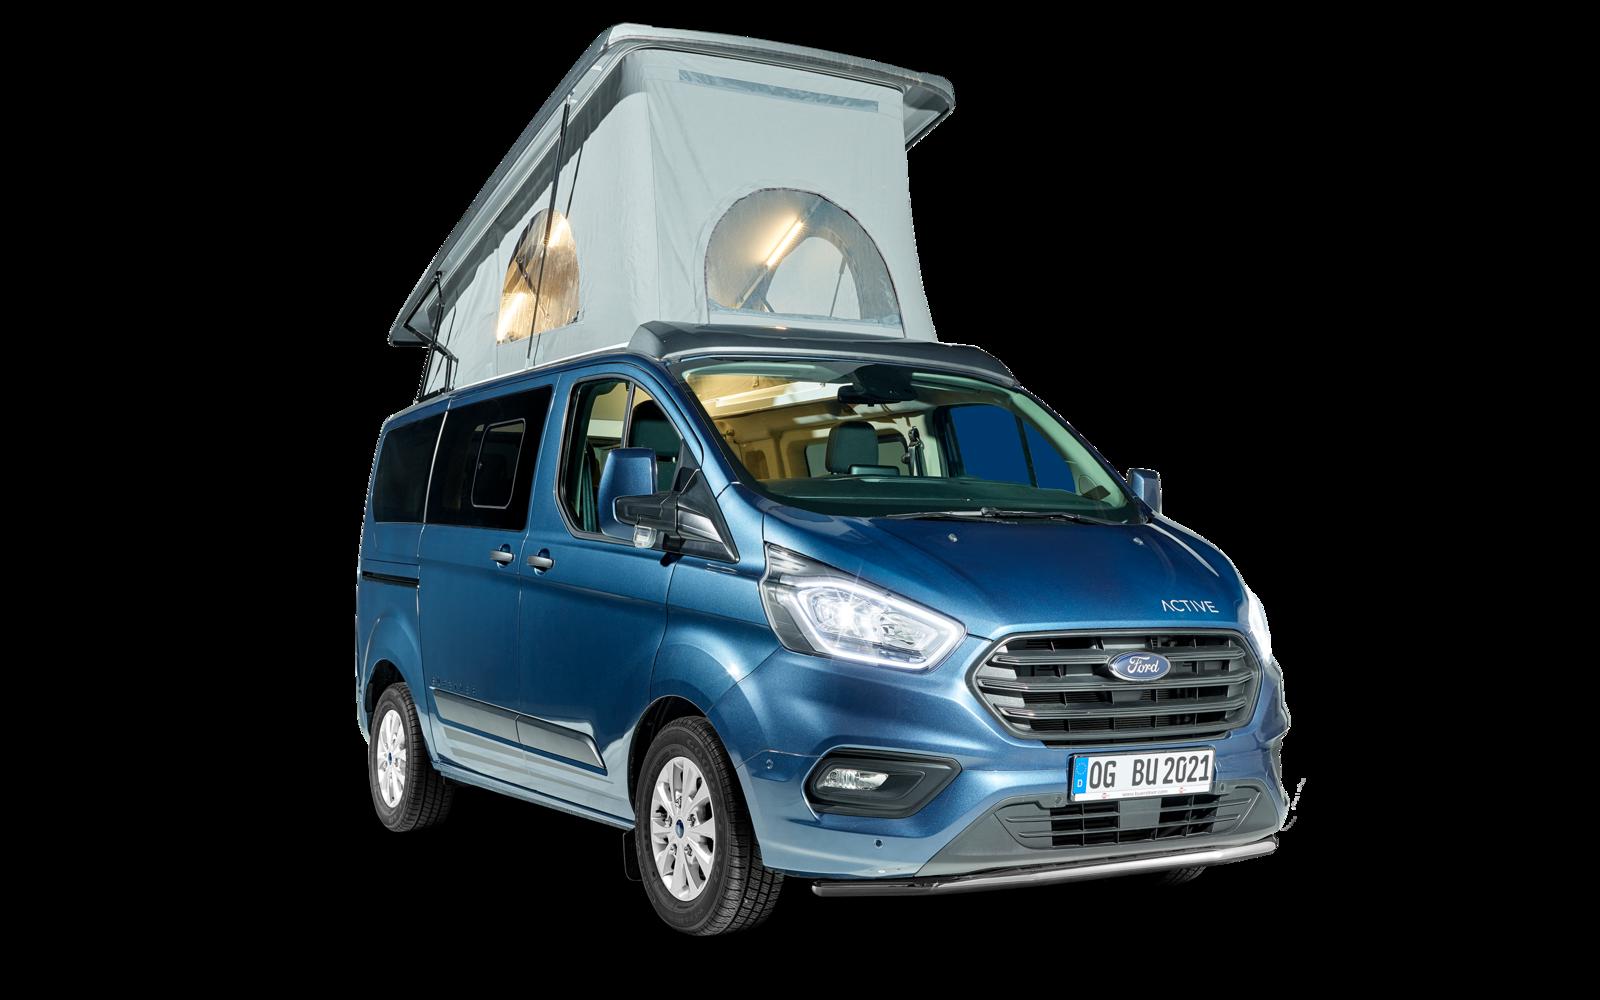 Nouveau van aménagé par Burstner sur base Ford : Le Copa